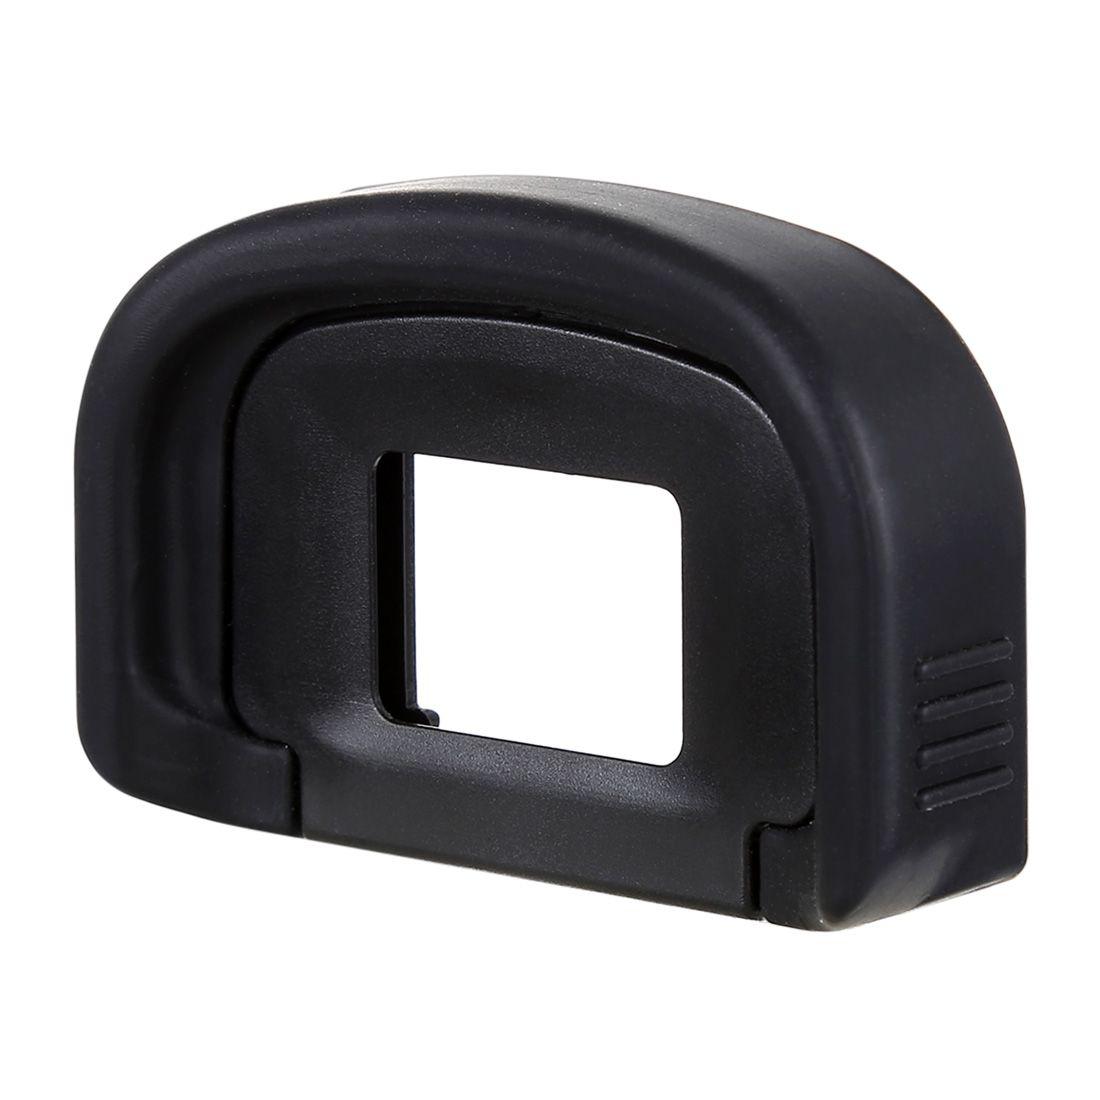 Ocular Eyecup EG Canon 1D Mark IV, 1D Mark III, 1D, D X, 1Ds Mark III, 5D Mark III, 5Ds, 7D, 7D Mark II entre outras